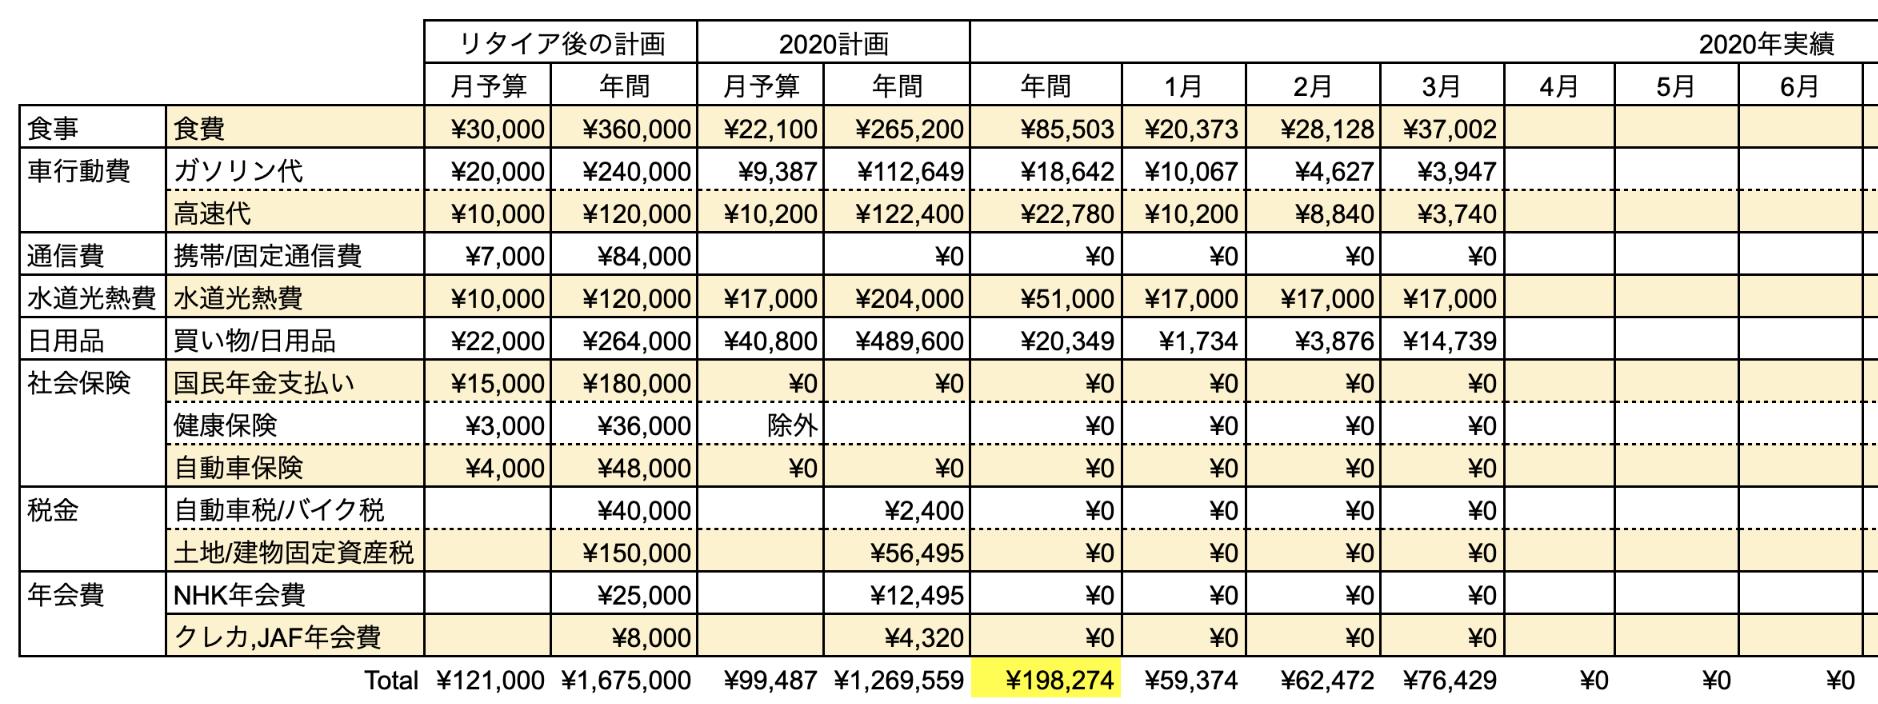 支出実績2020_03月_生活費